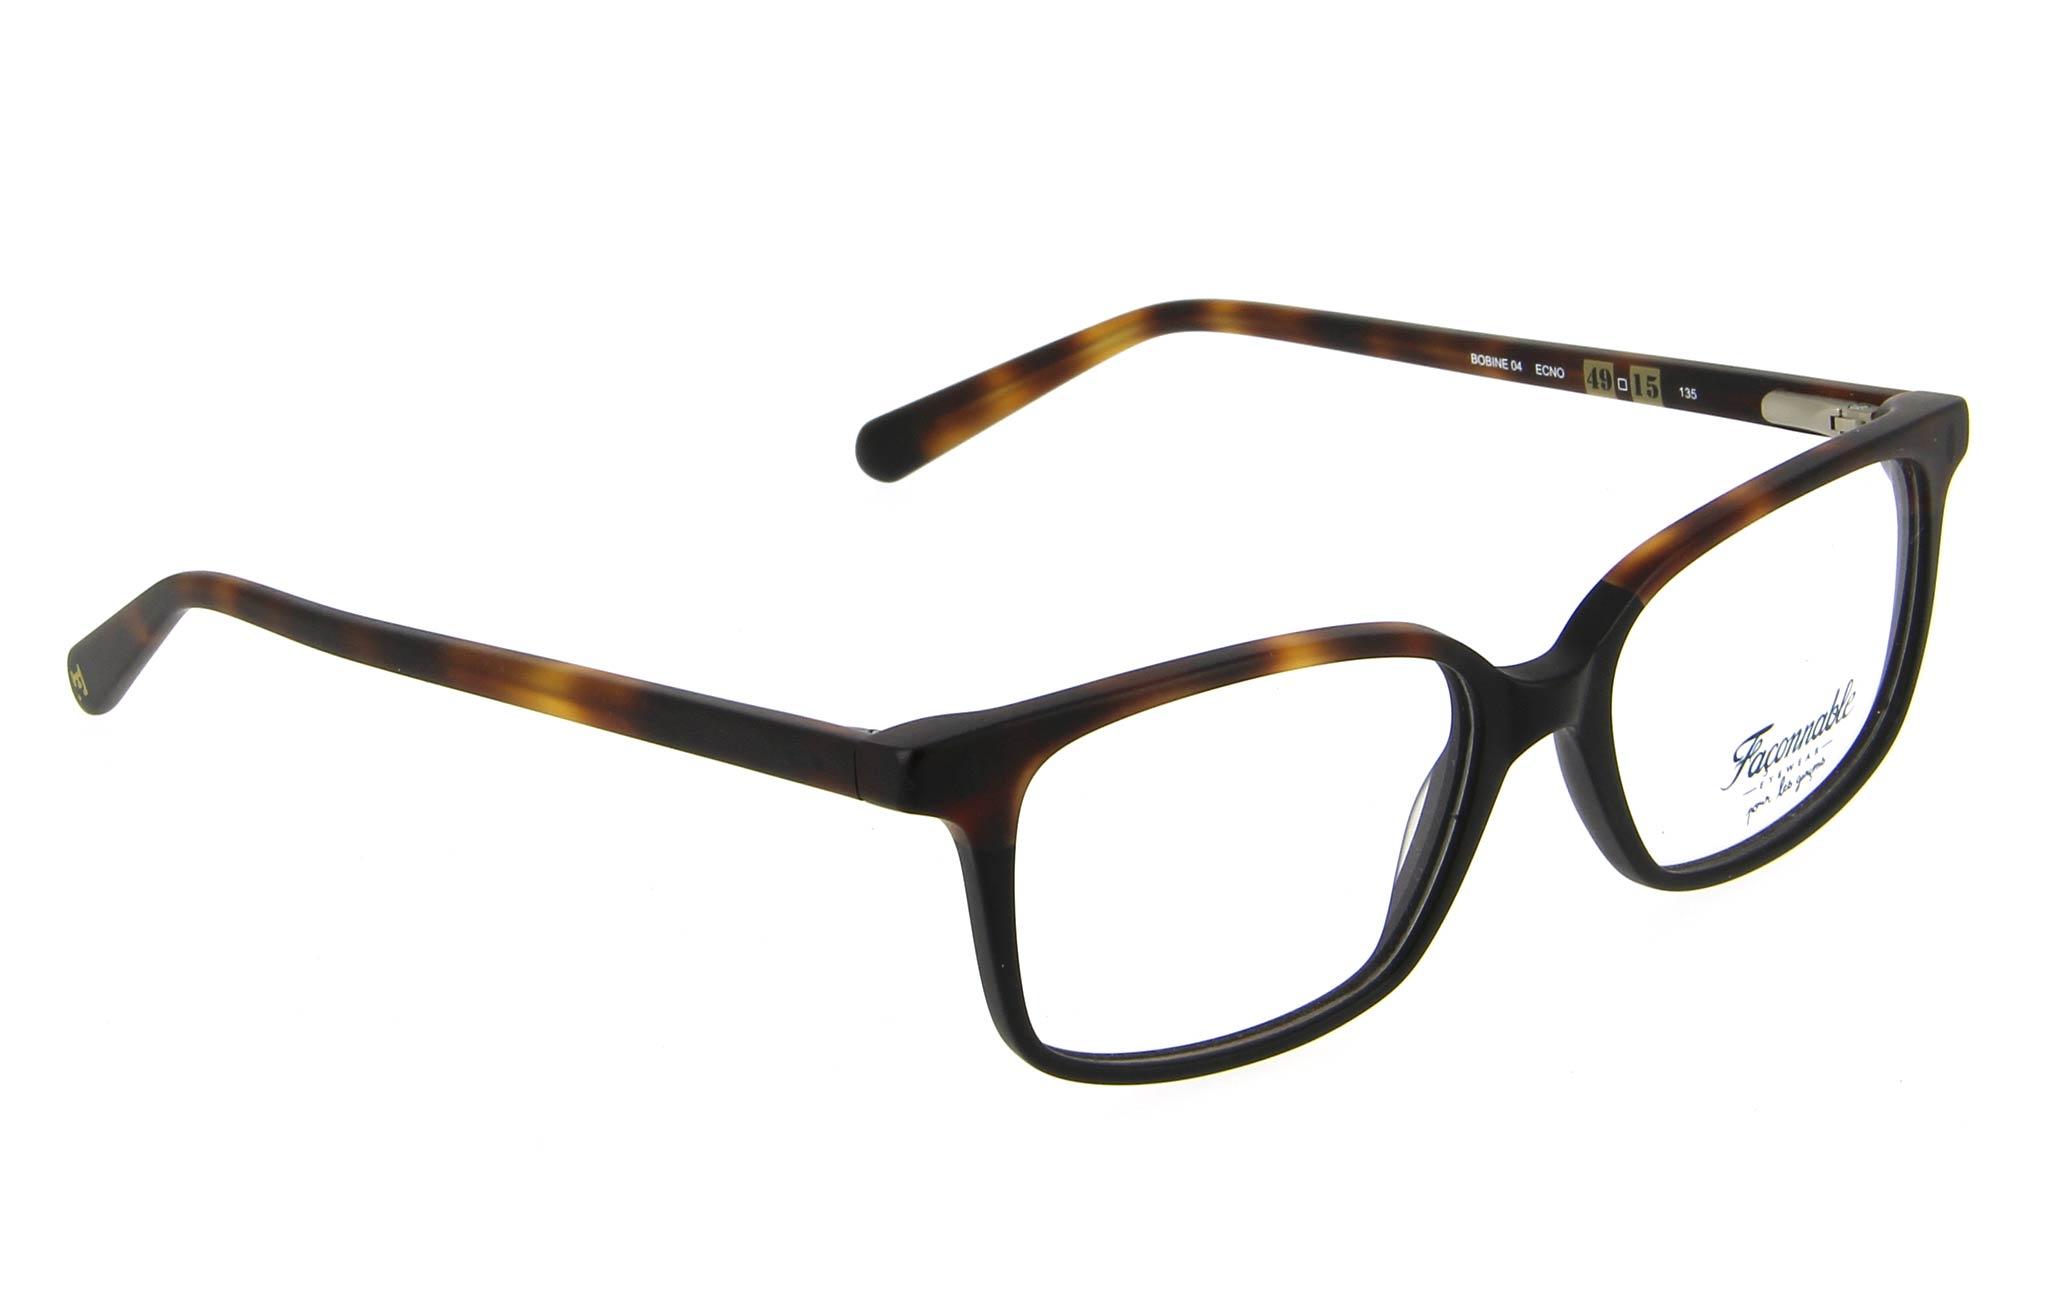 lunettes enfant faconnable bobine 04 ecno ecaille foncee